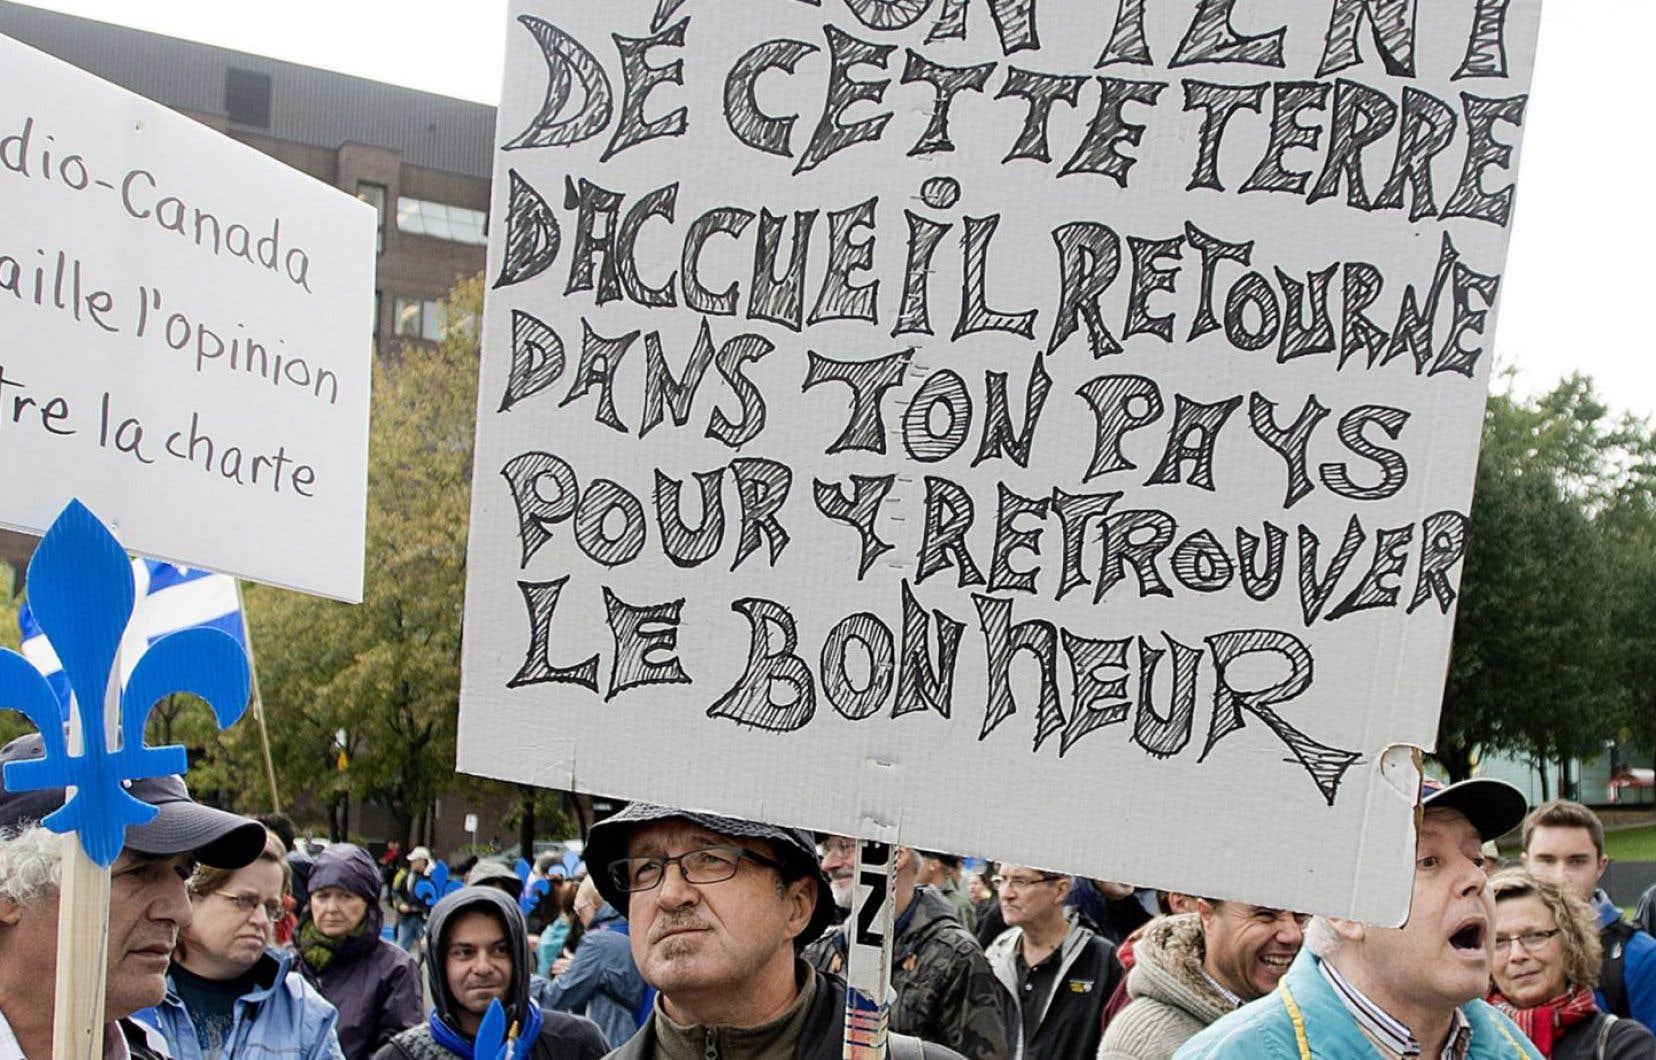 Puisque la lutte contre la dissémination des discours racistes est l'un des principaux arguments invoqués pour l'encadrement de la liberté d'expression, il semble important de réfléchir à ces deux notions pour comprendre la montée de la xénophobie depuis quelques années au Québec et ailleurs, et y réagir plus efficacement.